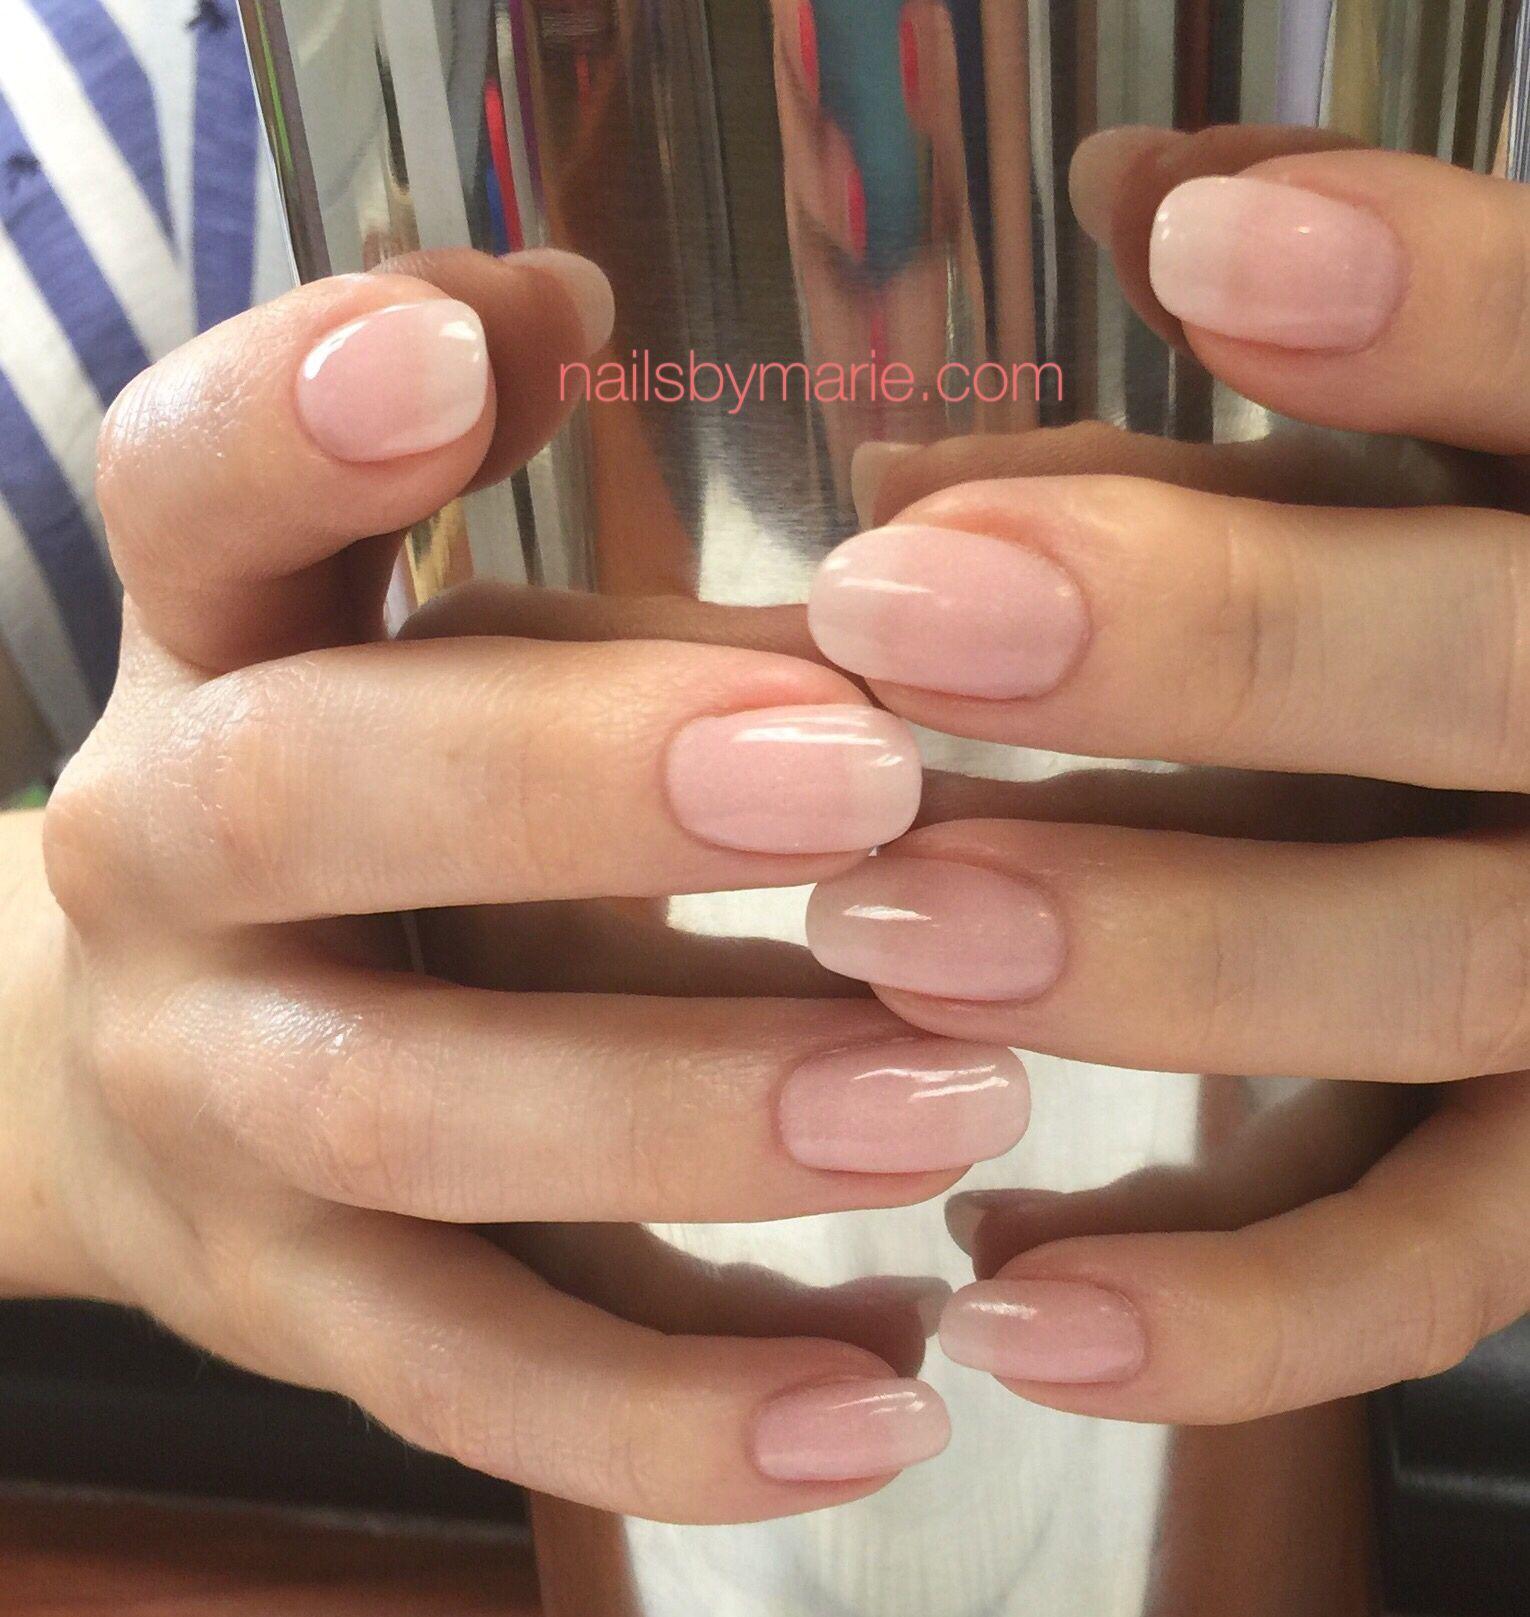 SNS gelous dipping powder | Nails...Nails...Nails | Pinterest | Sns ...